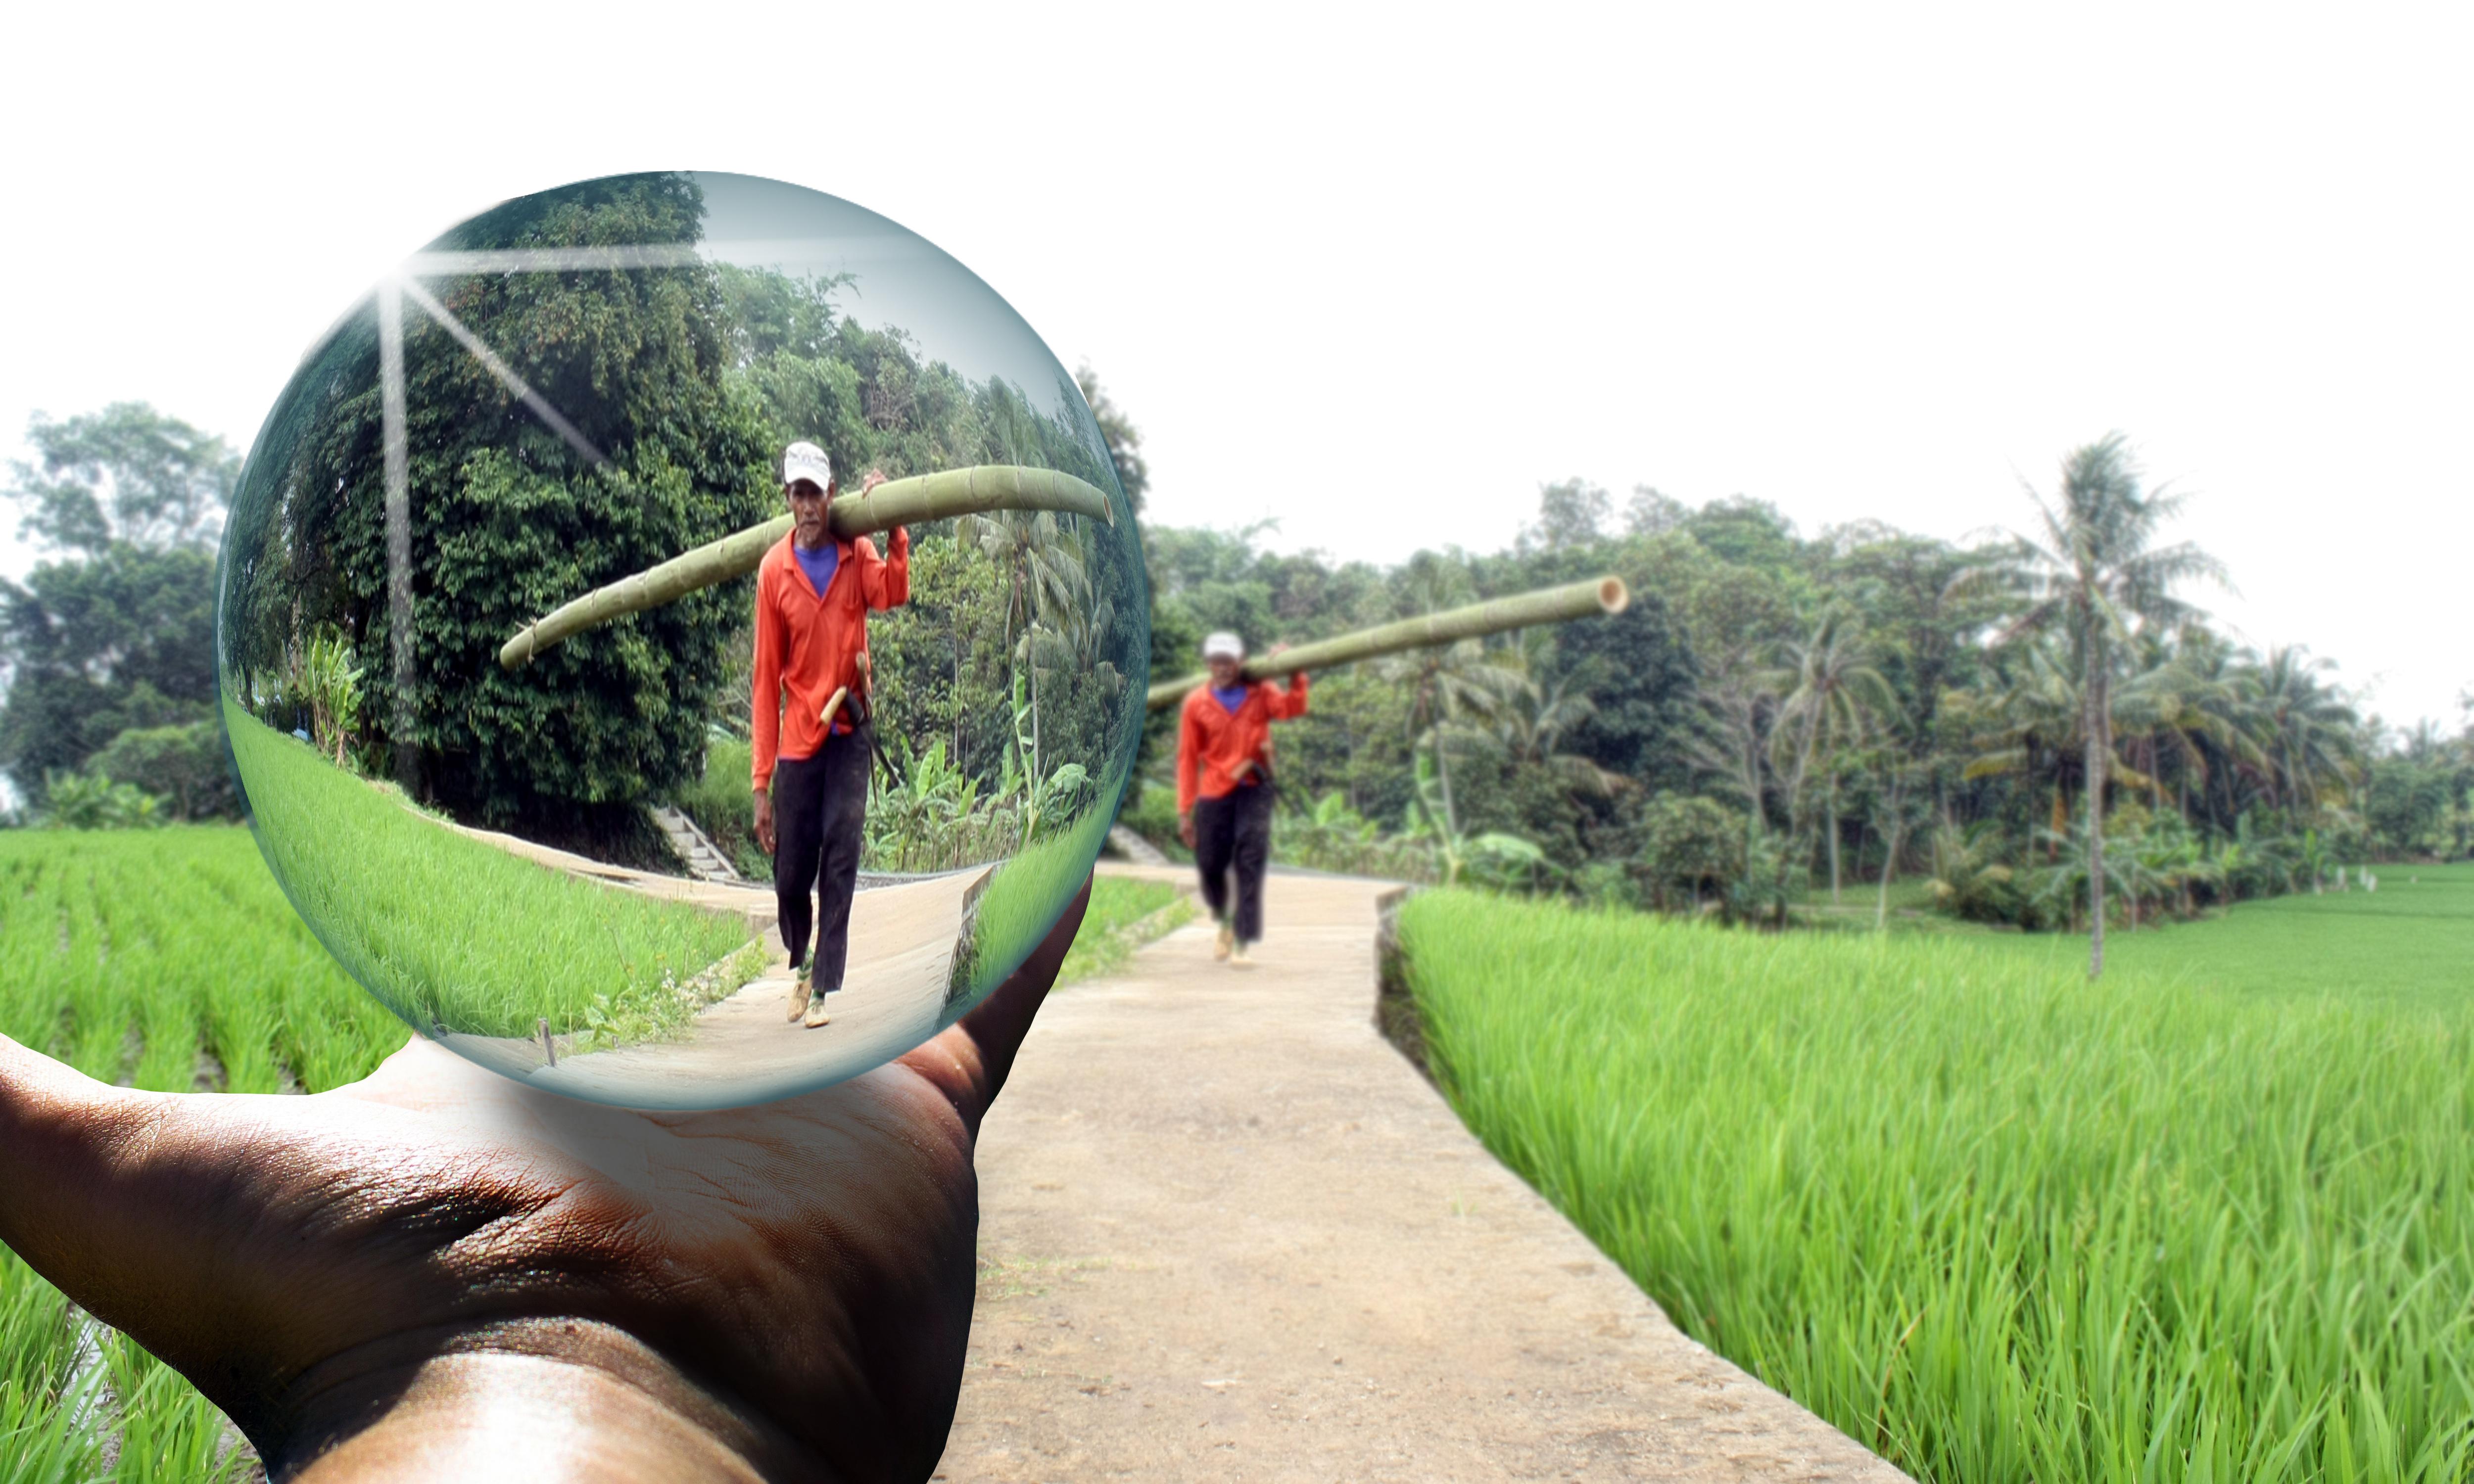 Gambar Photoshop Seni Waktu Luang Bidang Daerah Pedesaan Pohon